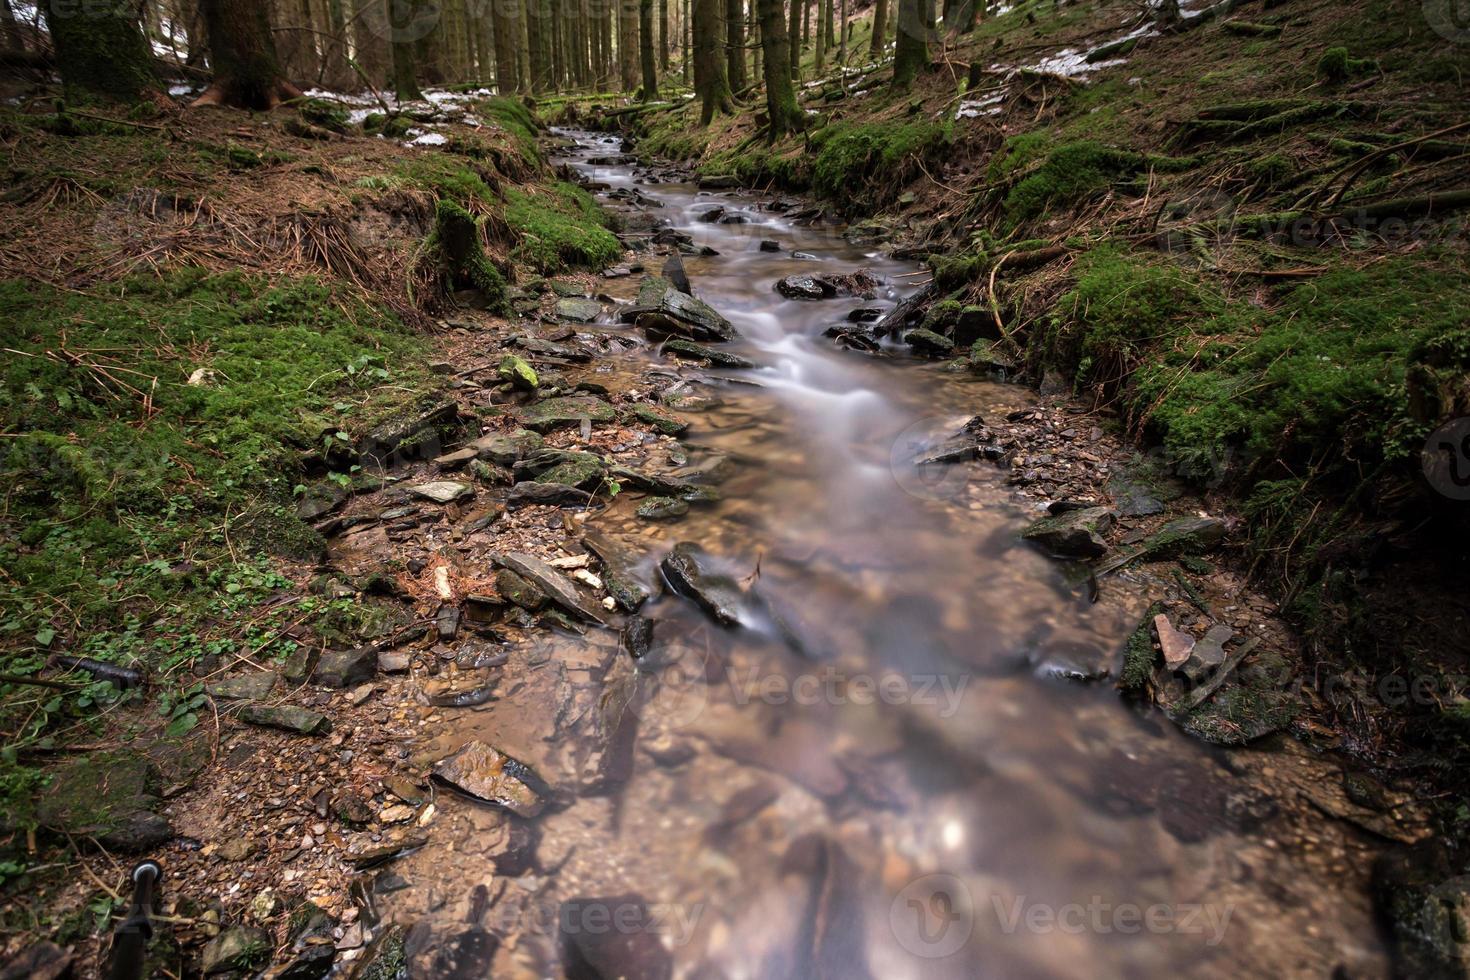 pequeno rio em uma floresta fria de inverno foto